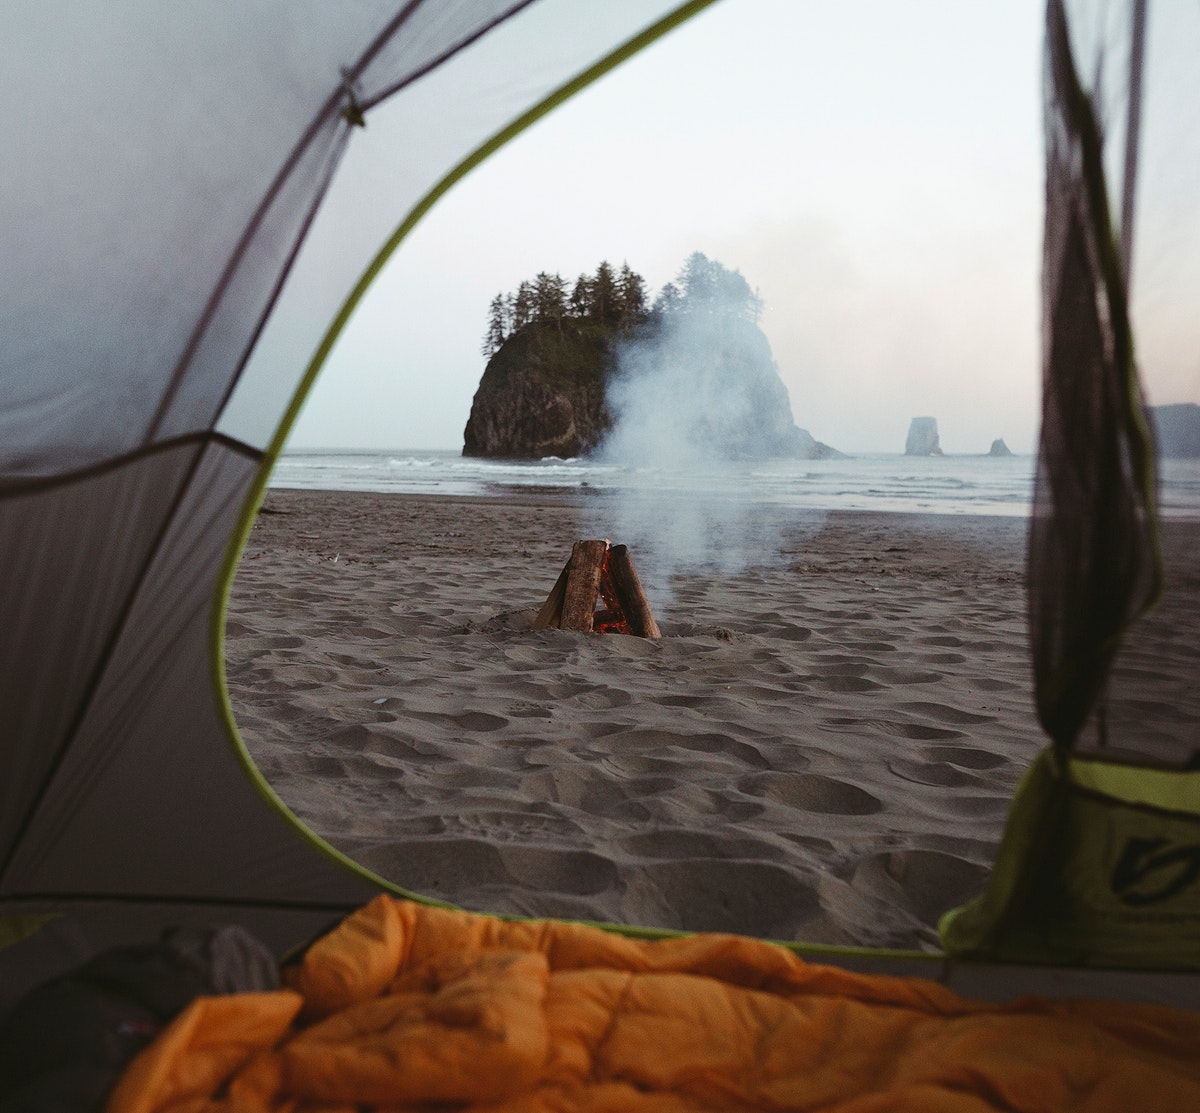 Camping at the Washington Coast, USA